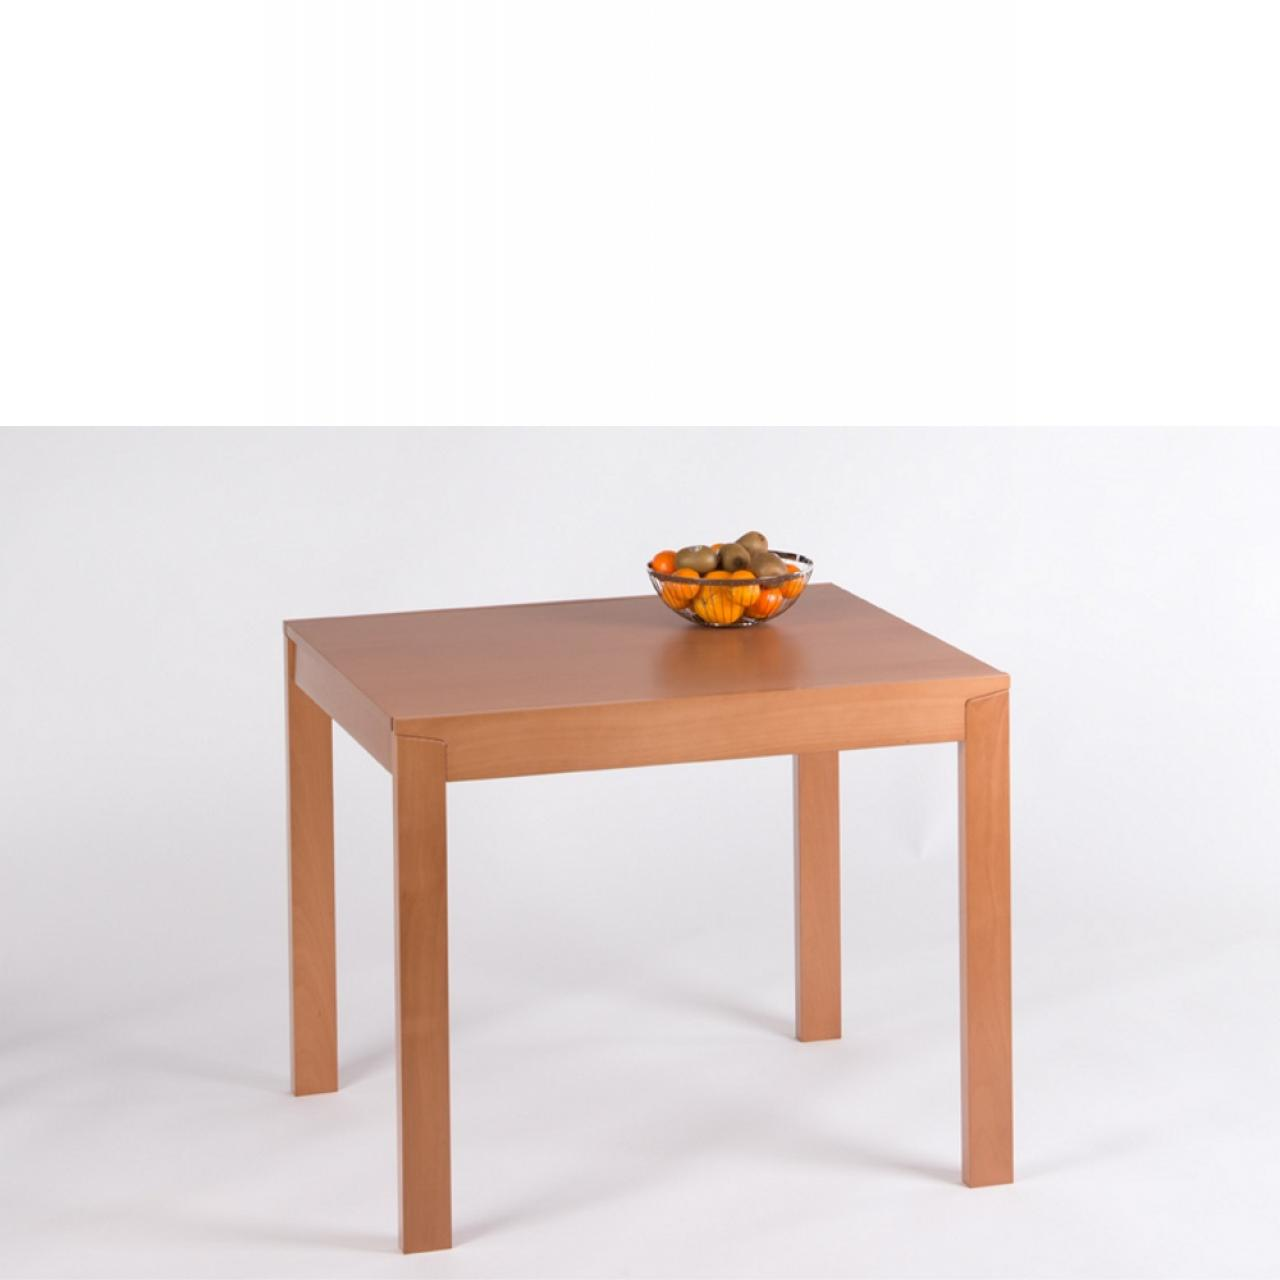 esstisch volker 80x80 cm massivholzm bel wohnen m bel j hnichen center gmbh. Black Bedroom Furniture Sets. Home Design Ideas